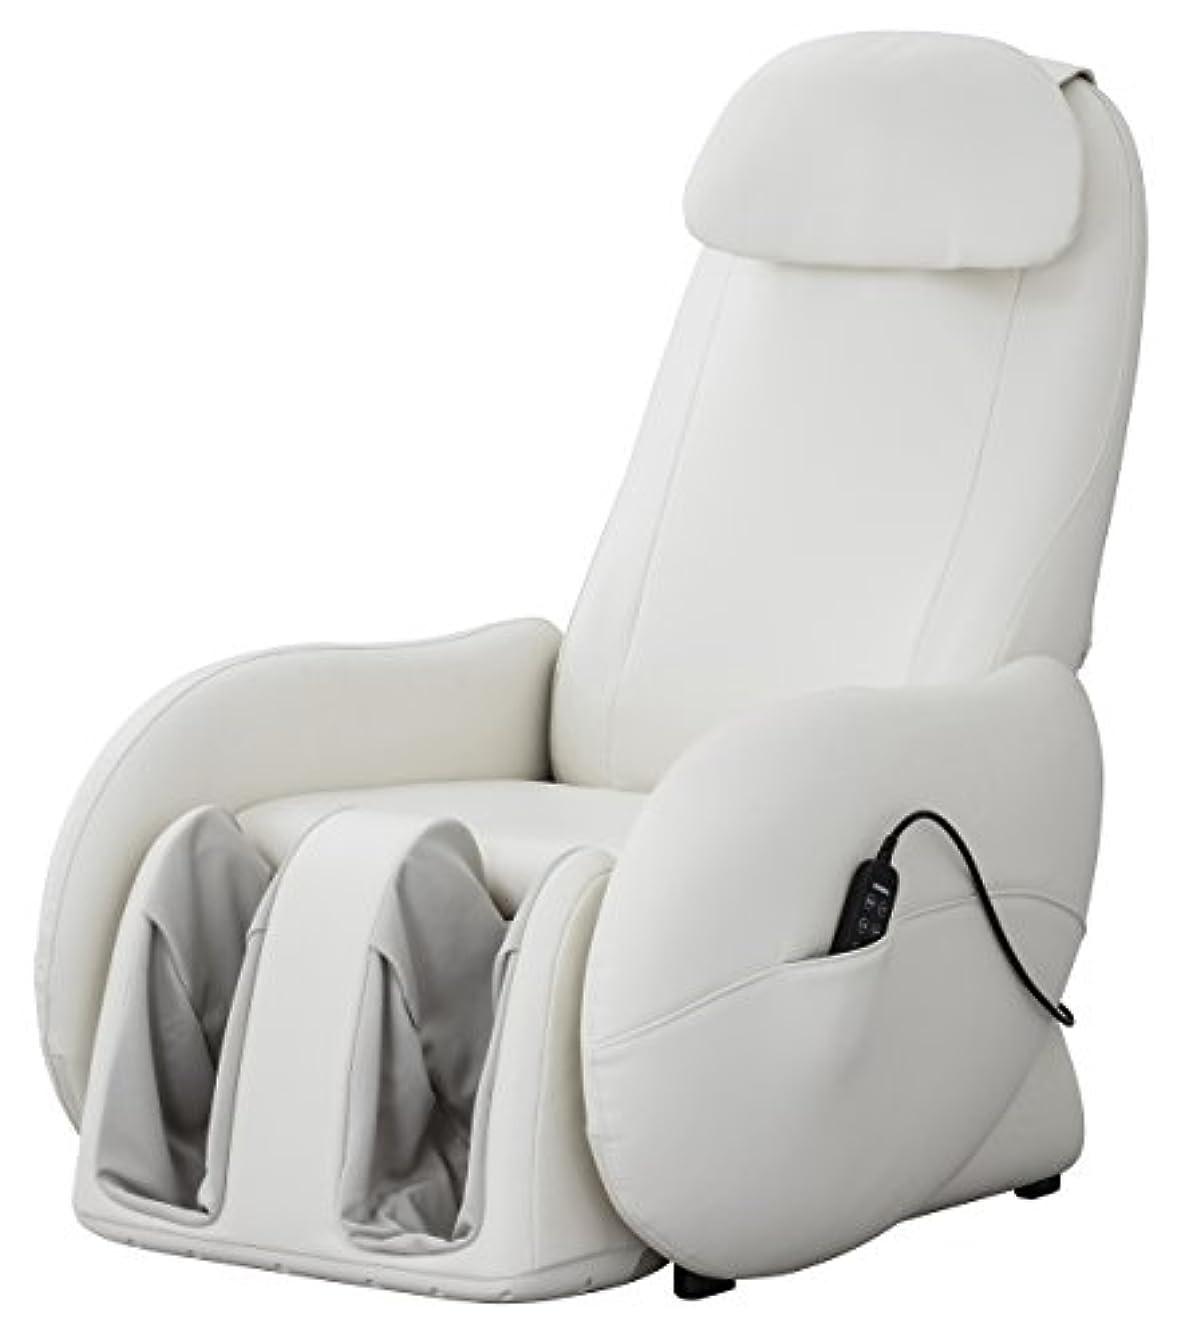 代表適用済み天才スライヴ くつろぎ指定席Light マッサージチェア CHD-3700WH ホワイト 正規品 おしゃれ コンパクト 小型